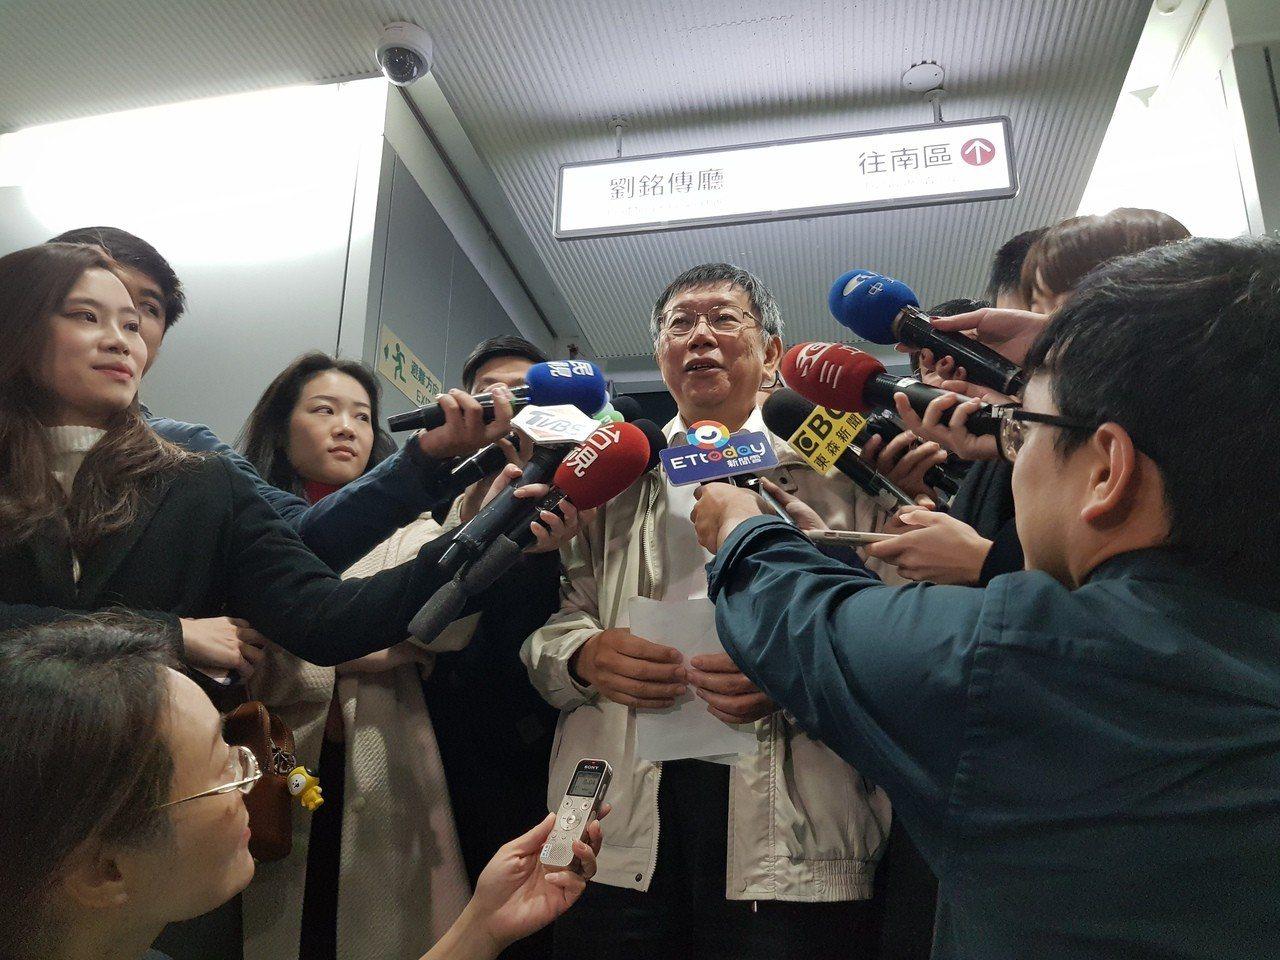 台北市長柯文哲今早出席交通會報前受訪。記者翁浩然/攝影